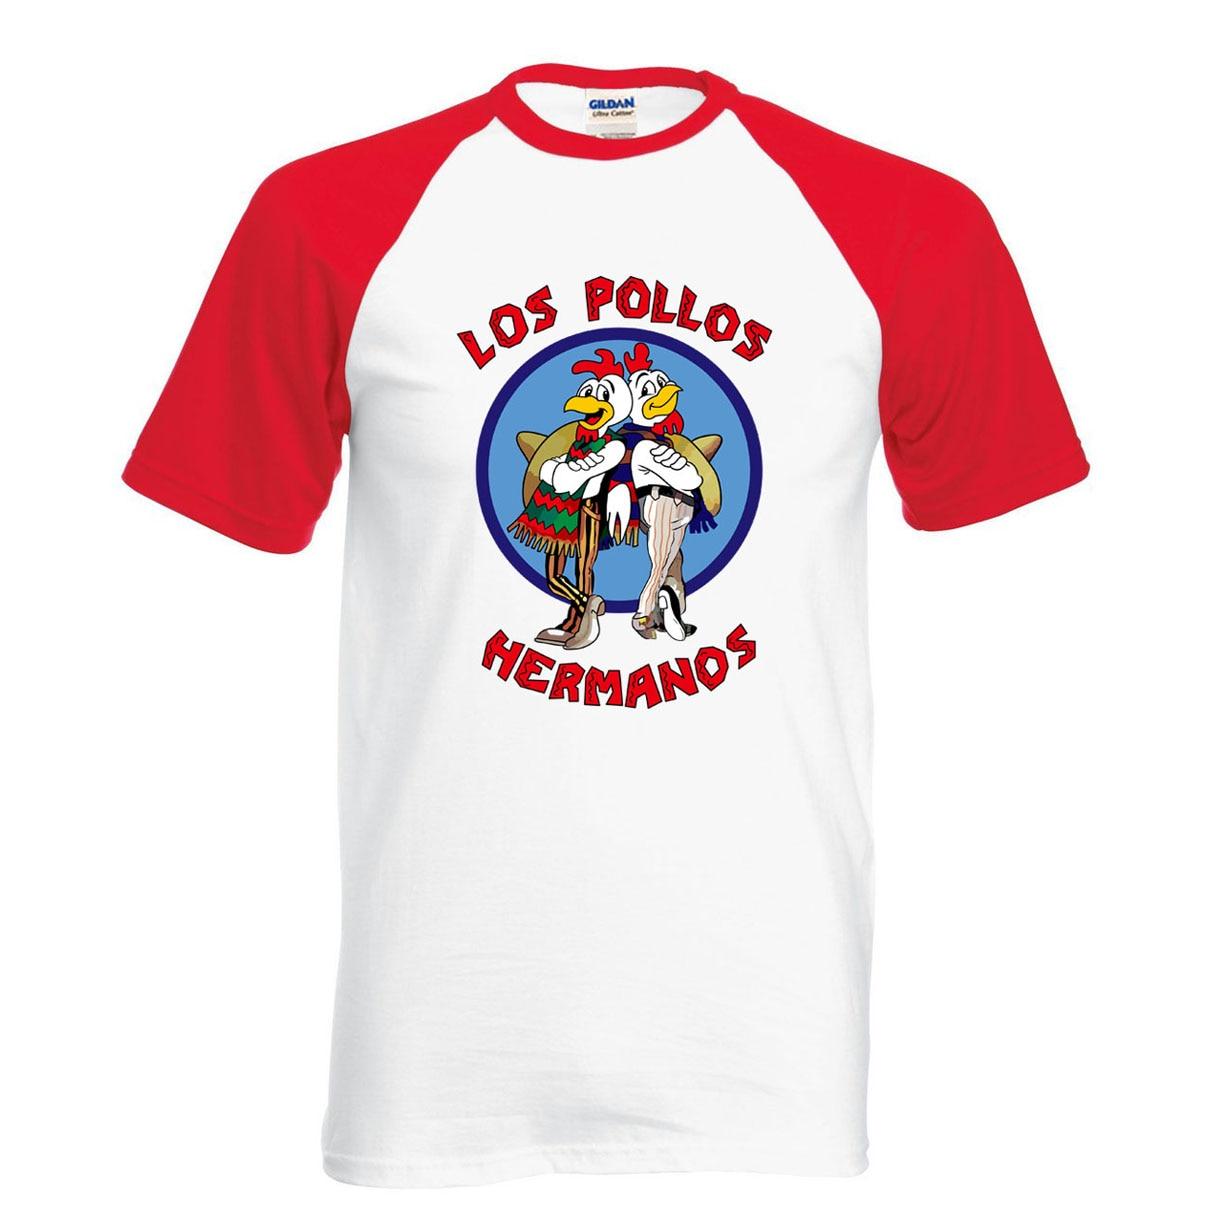 Футболка Breaking Bad LOS POLLOS Hermanos, летняя 100% хлопковая модная футболка-реглан для фанатов, 2019